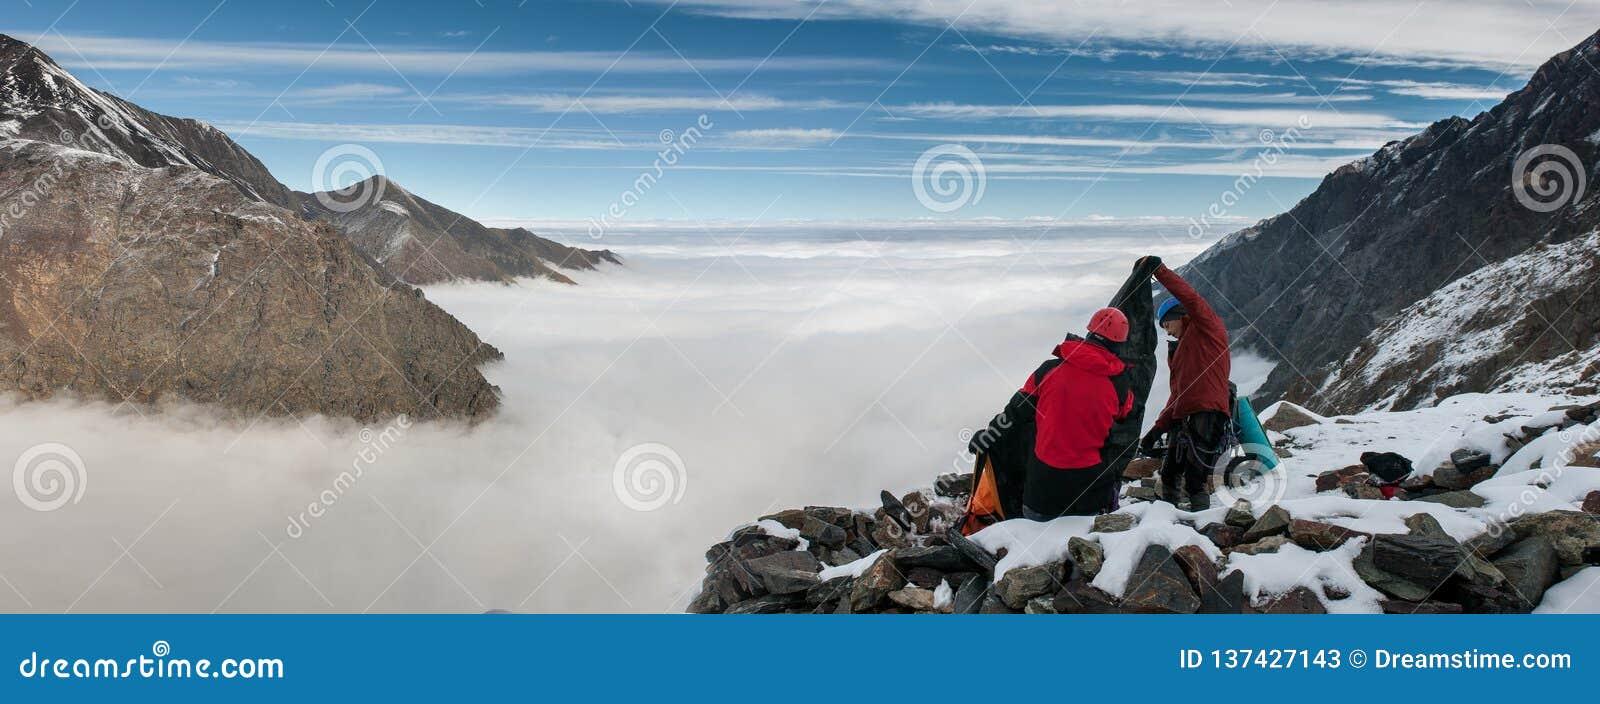 Berg lopp, natur, snö, moln